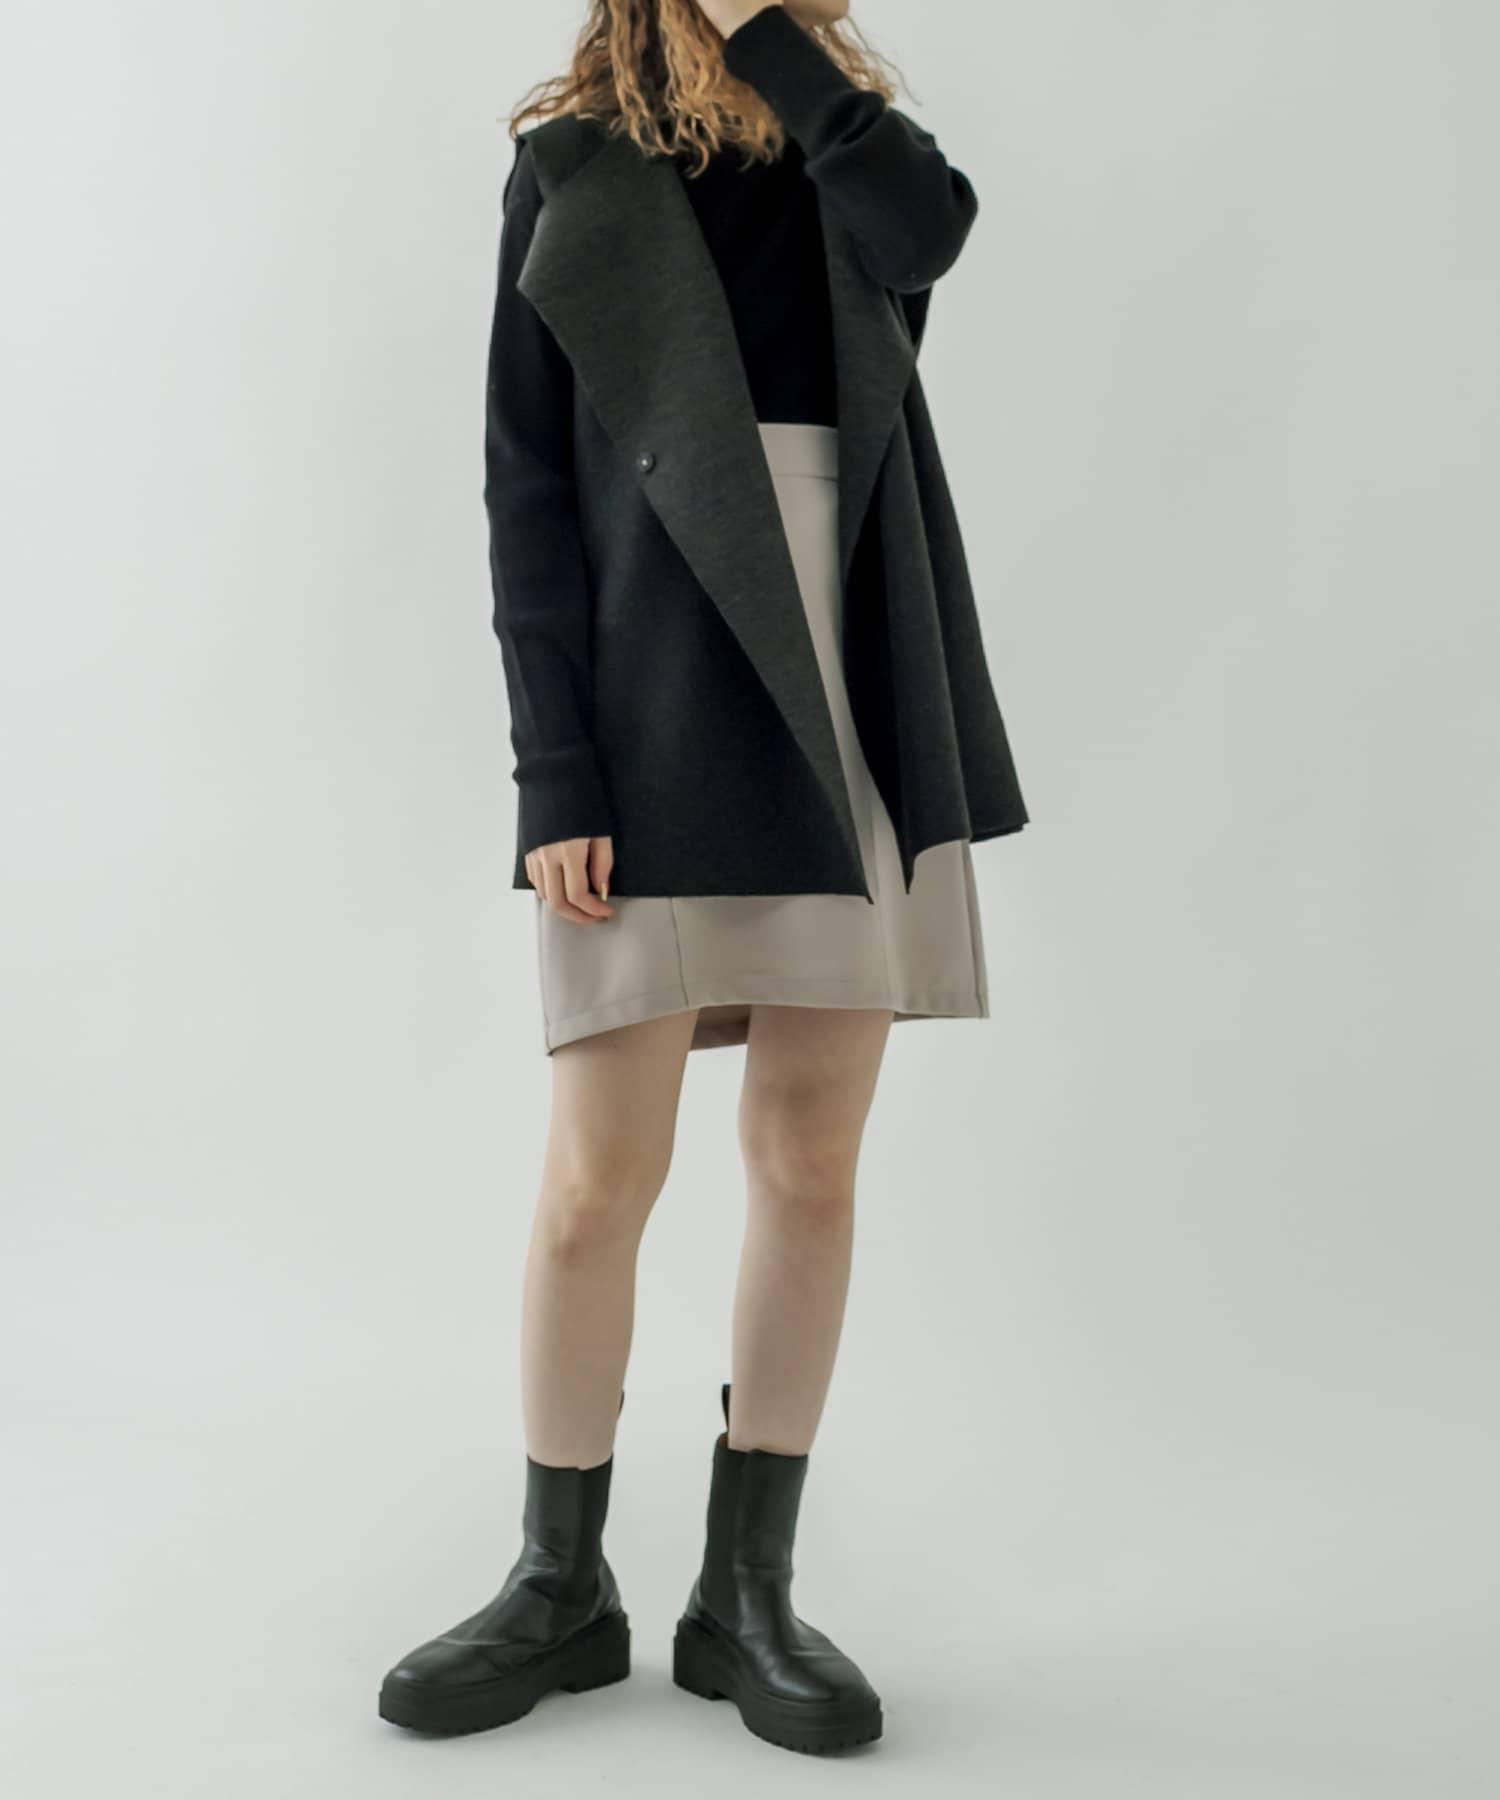 mystic(ミスティック) 【パルクロライブ紹介アイテム】ベルト付起毛ジレ / ロングベスト